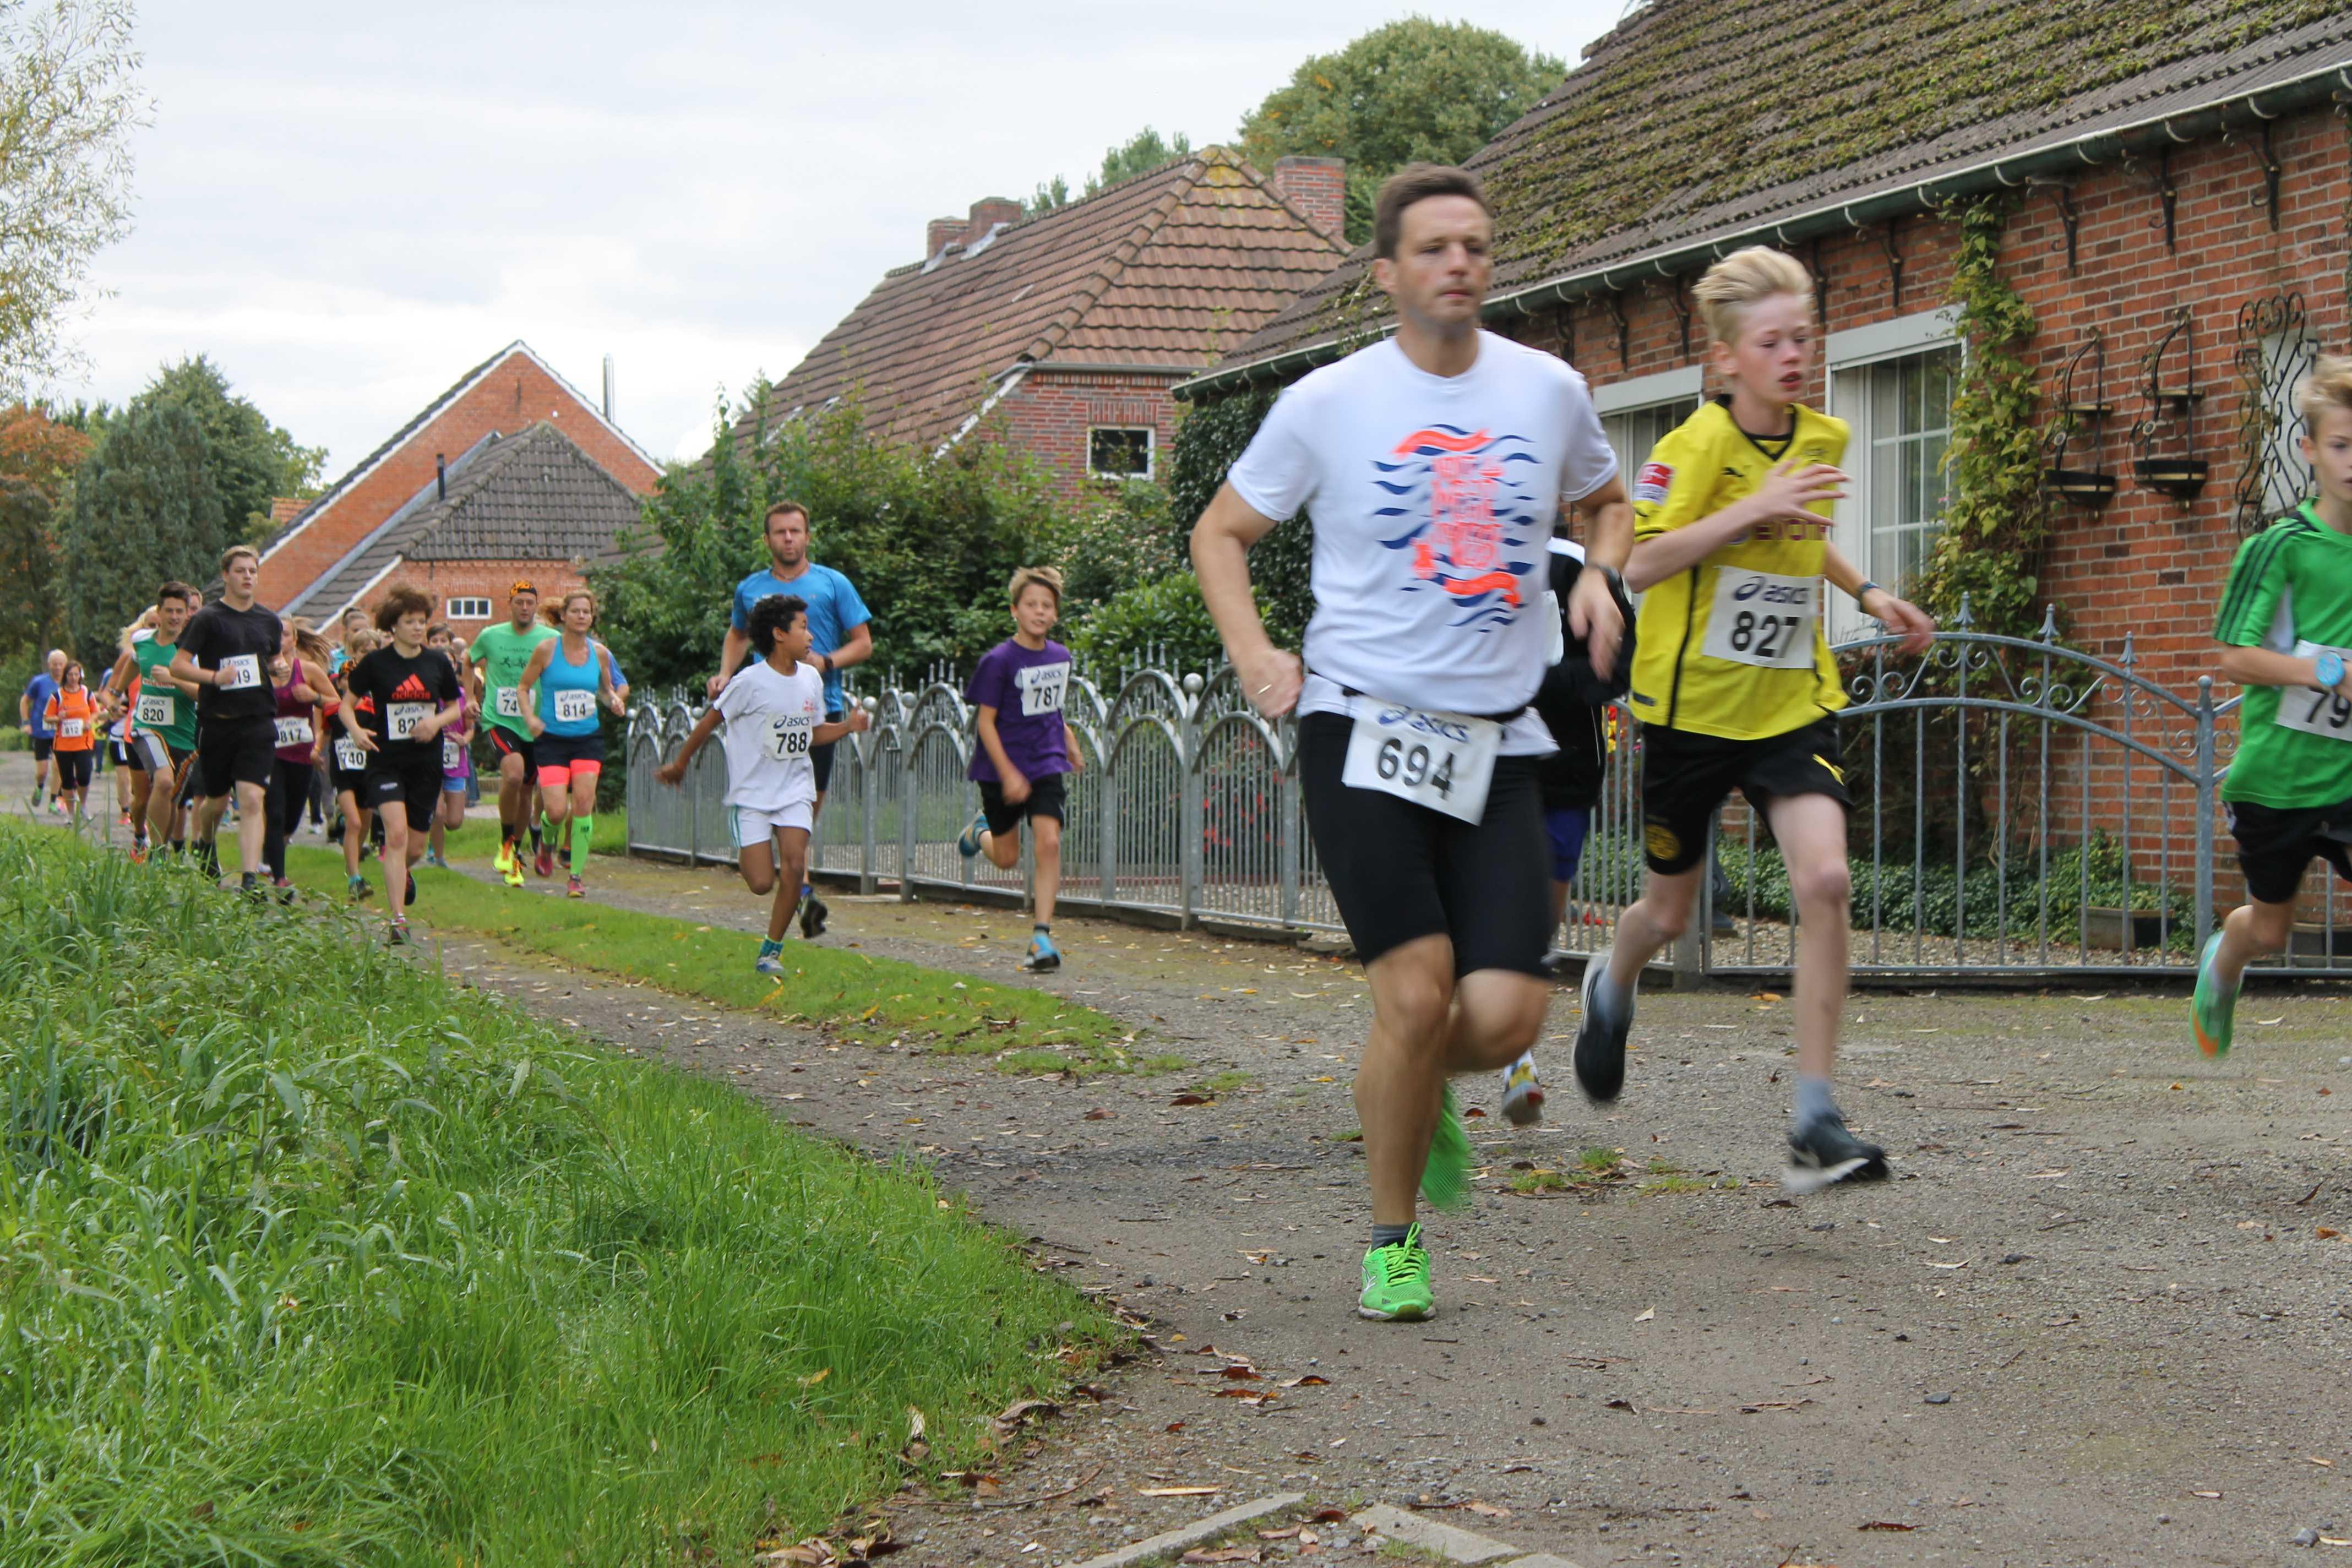 2015-09-26 Vezi Lauf (4)